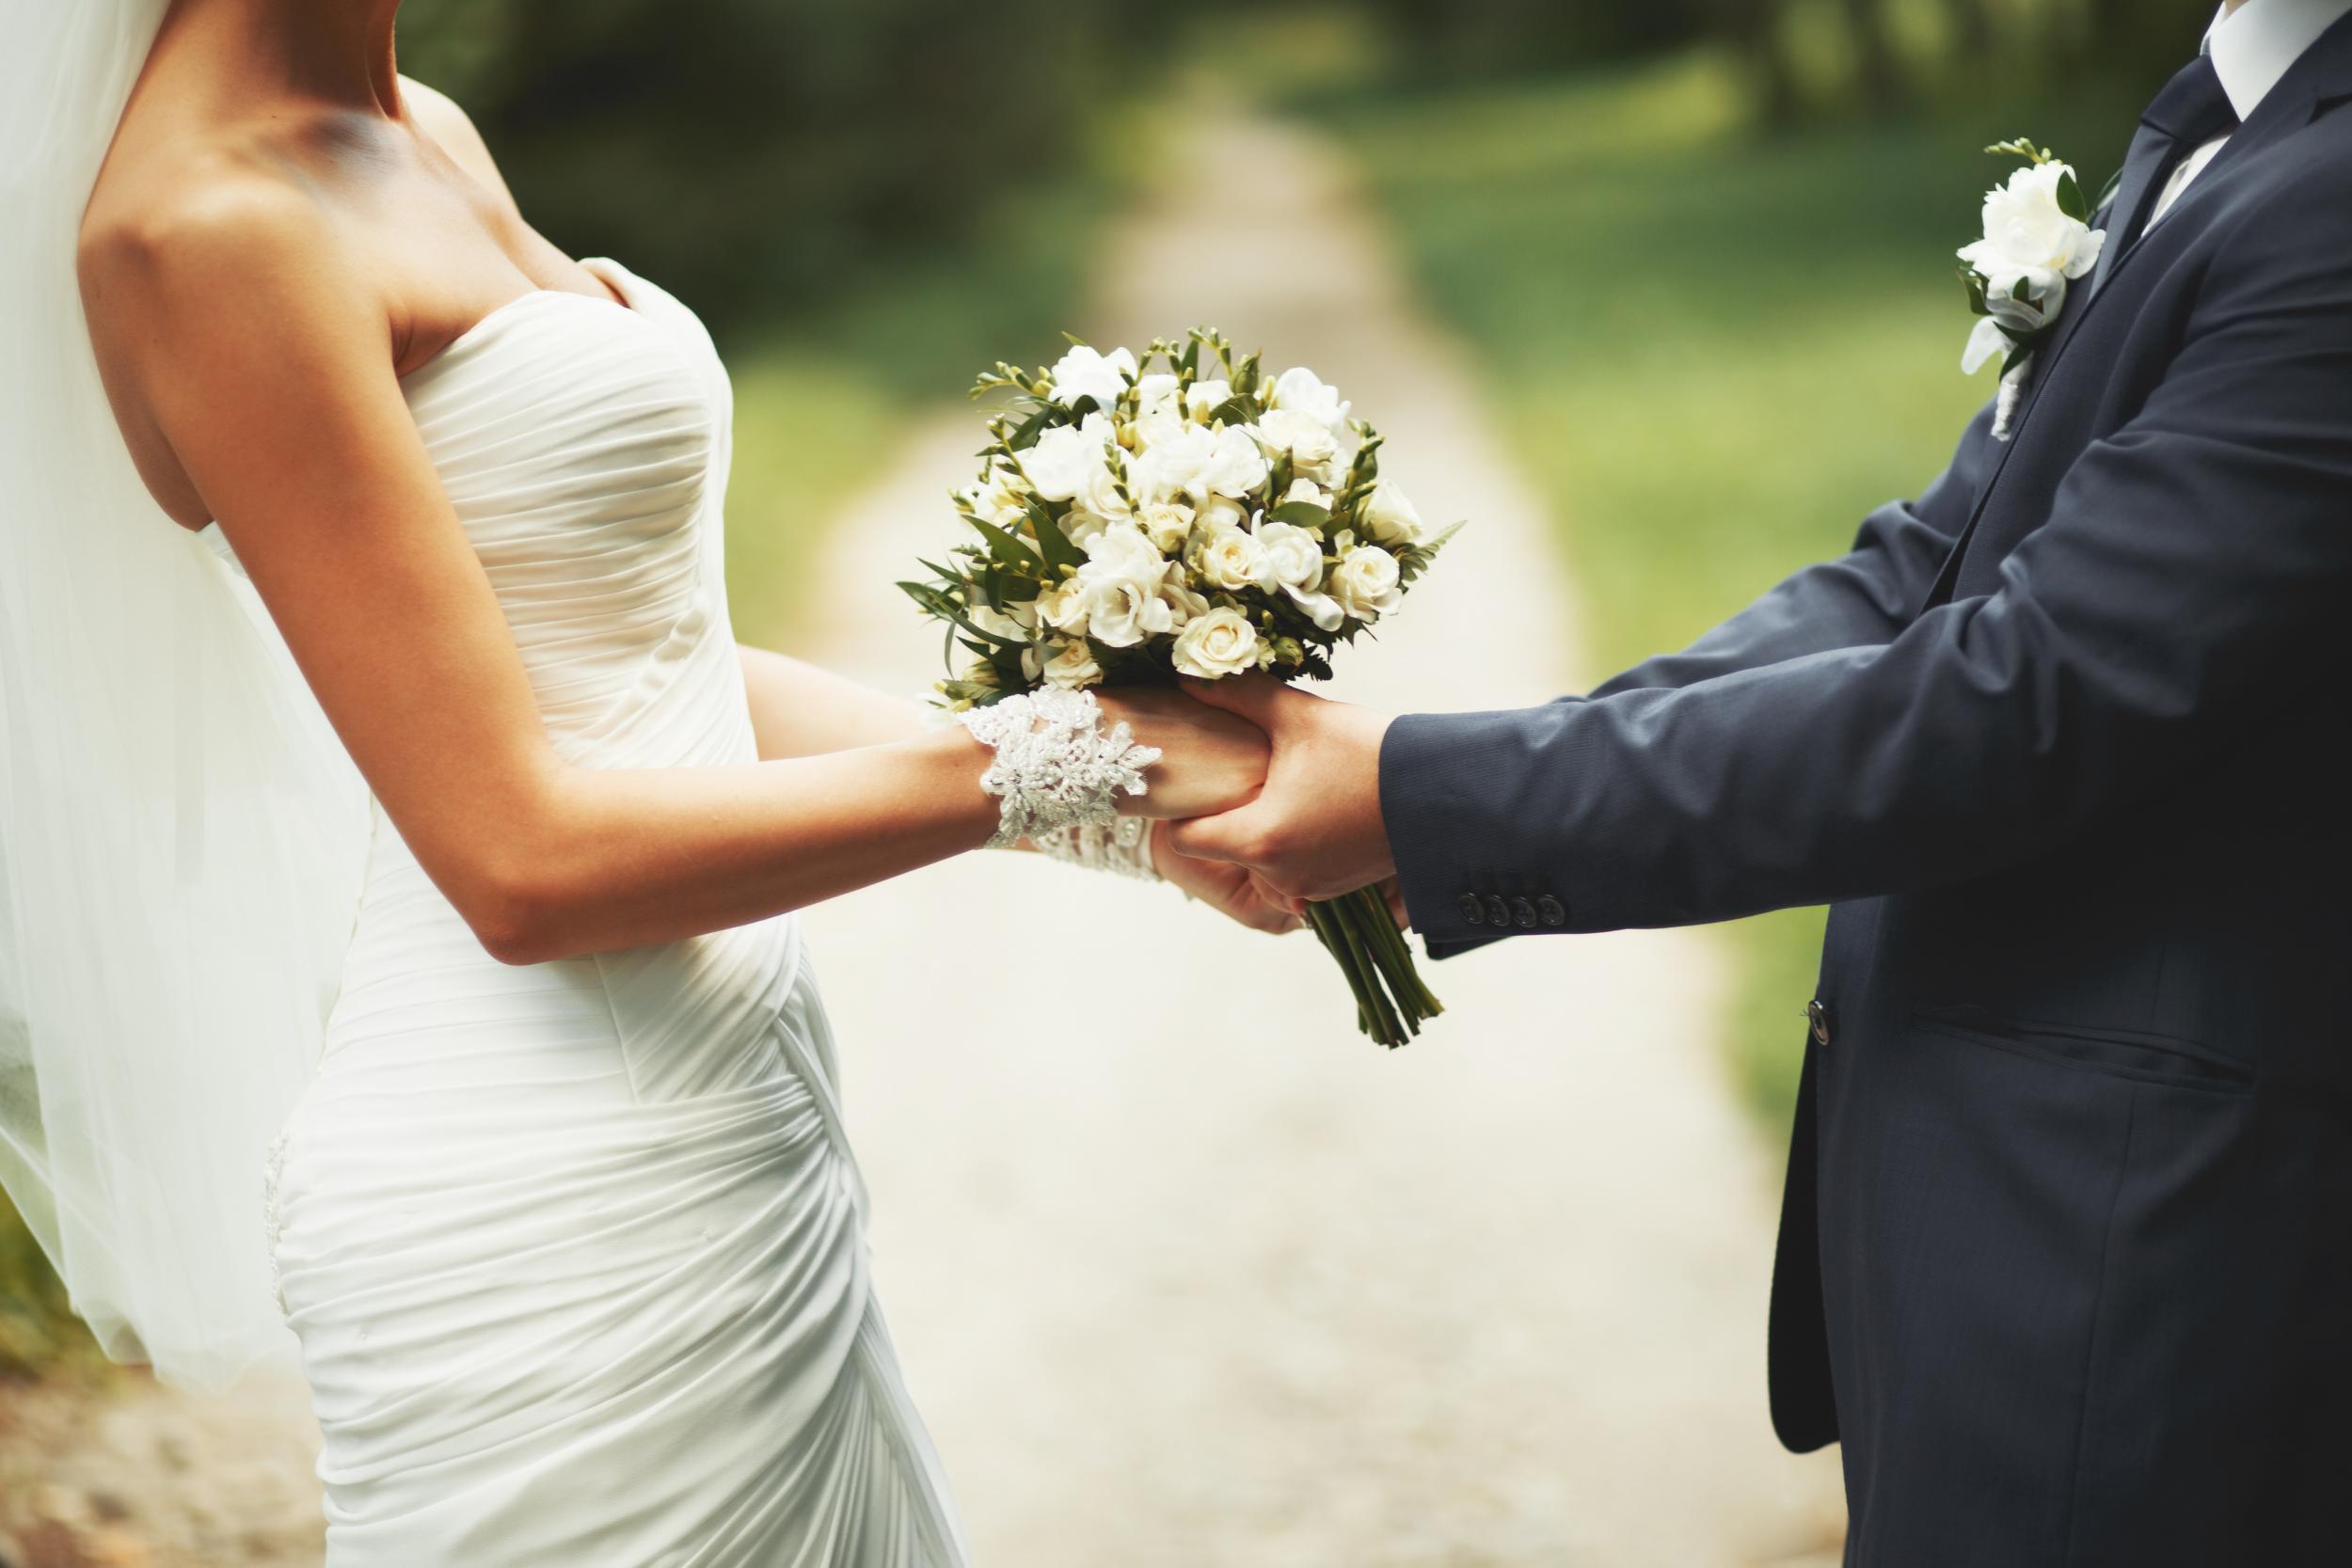 Cách giúp phụ nữ lấy được người chồng tốt: Chỉ cần nhìn những điều này của đàn ông khi yêu